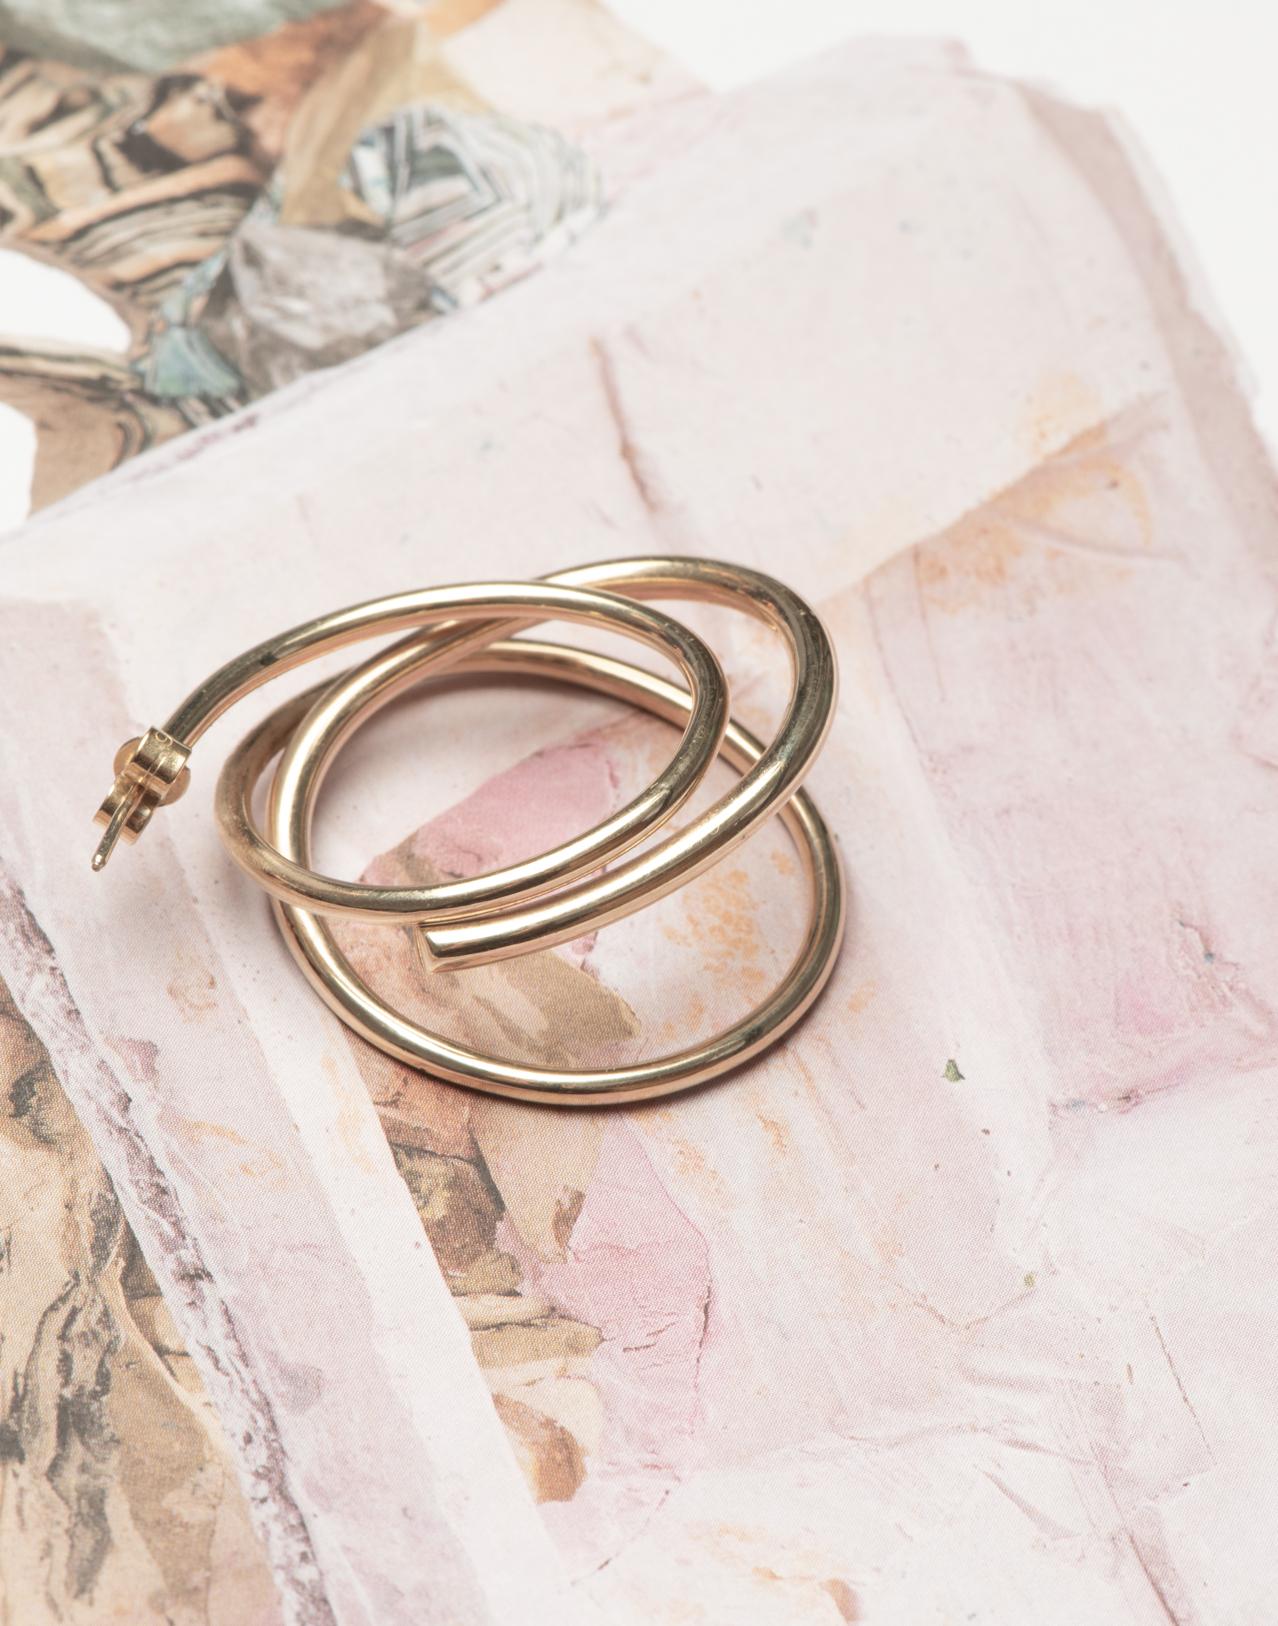 Completedworks-Flow-II-Gold-Vermeil-Earrings-2.jpg